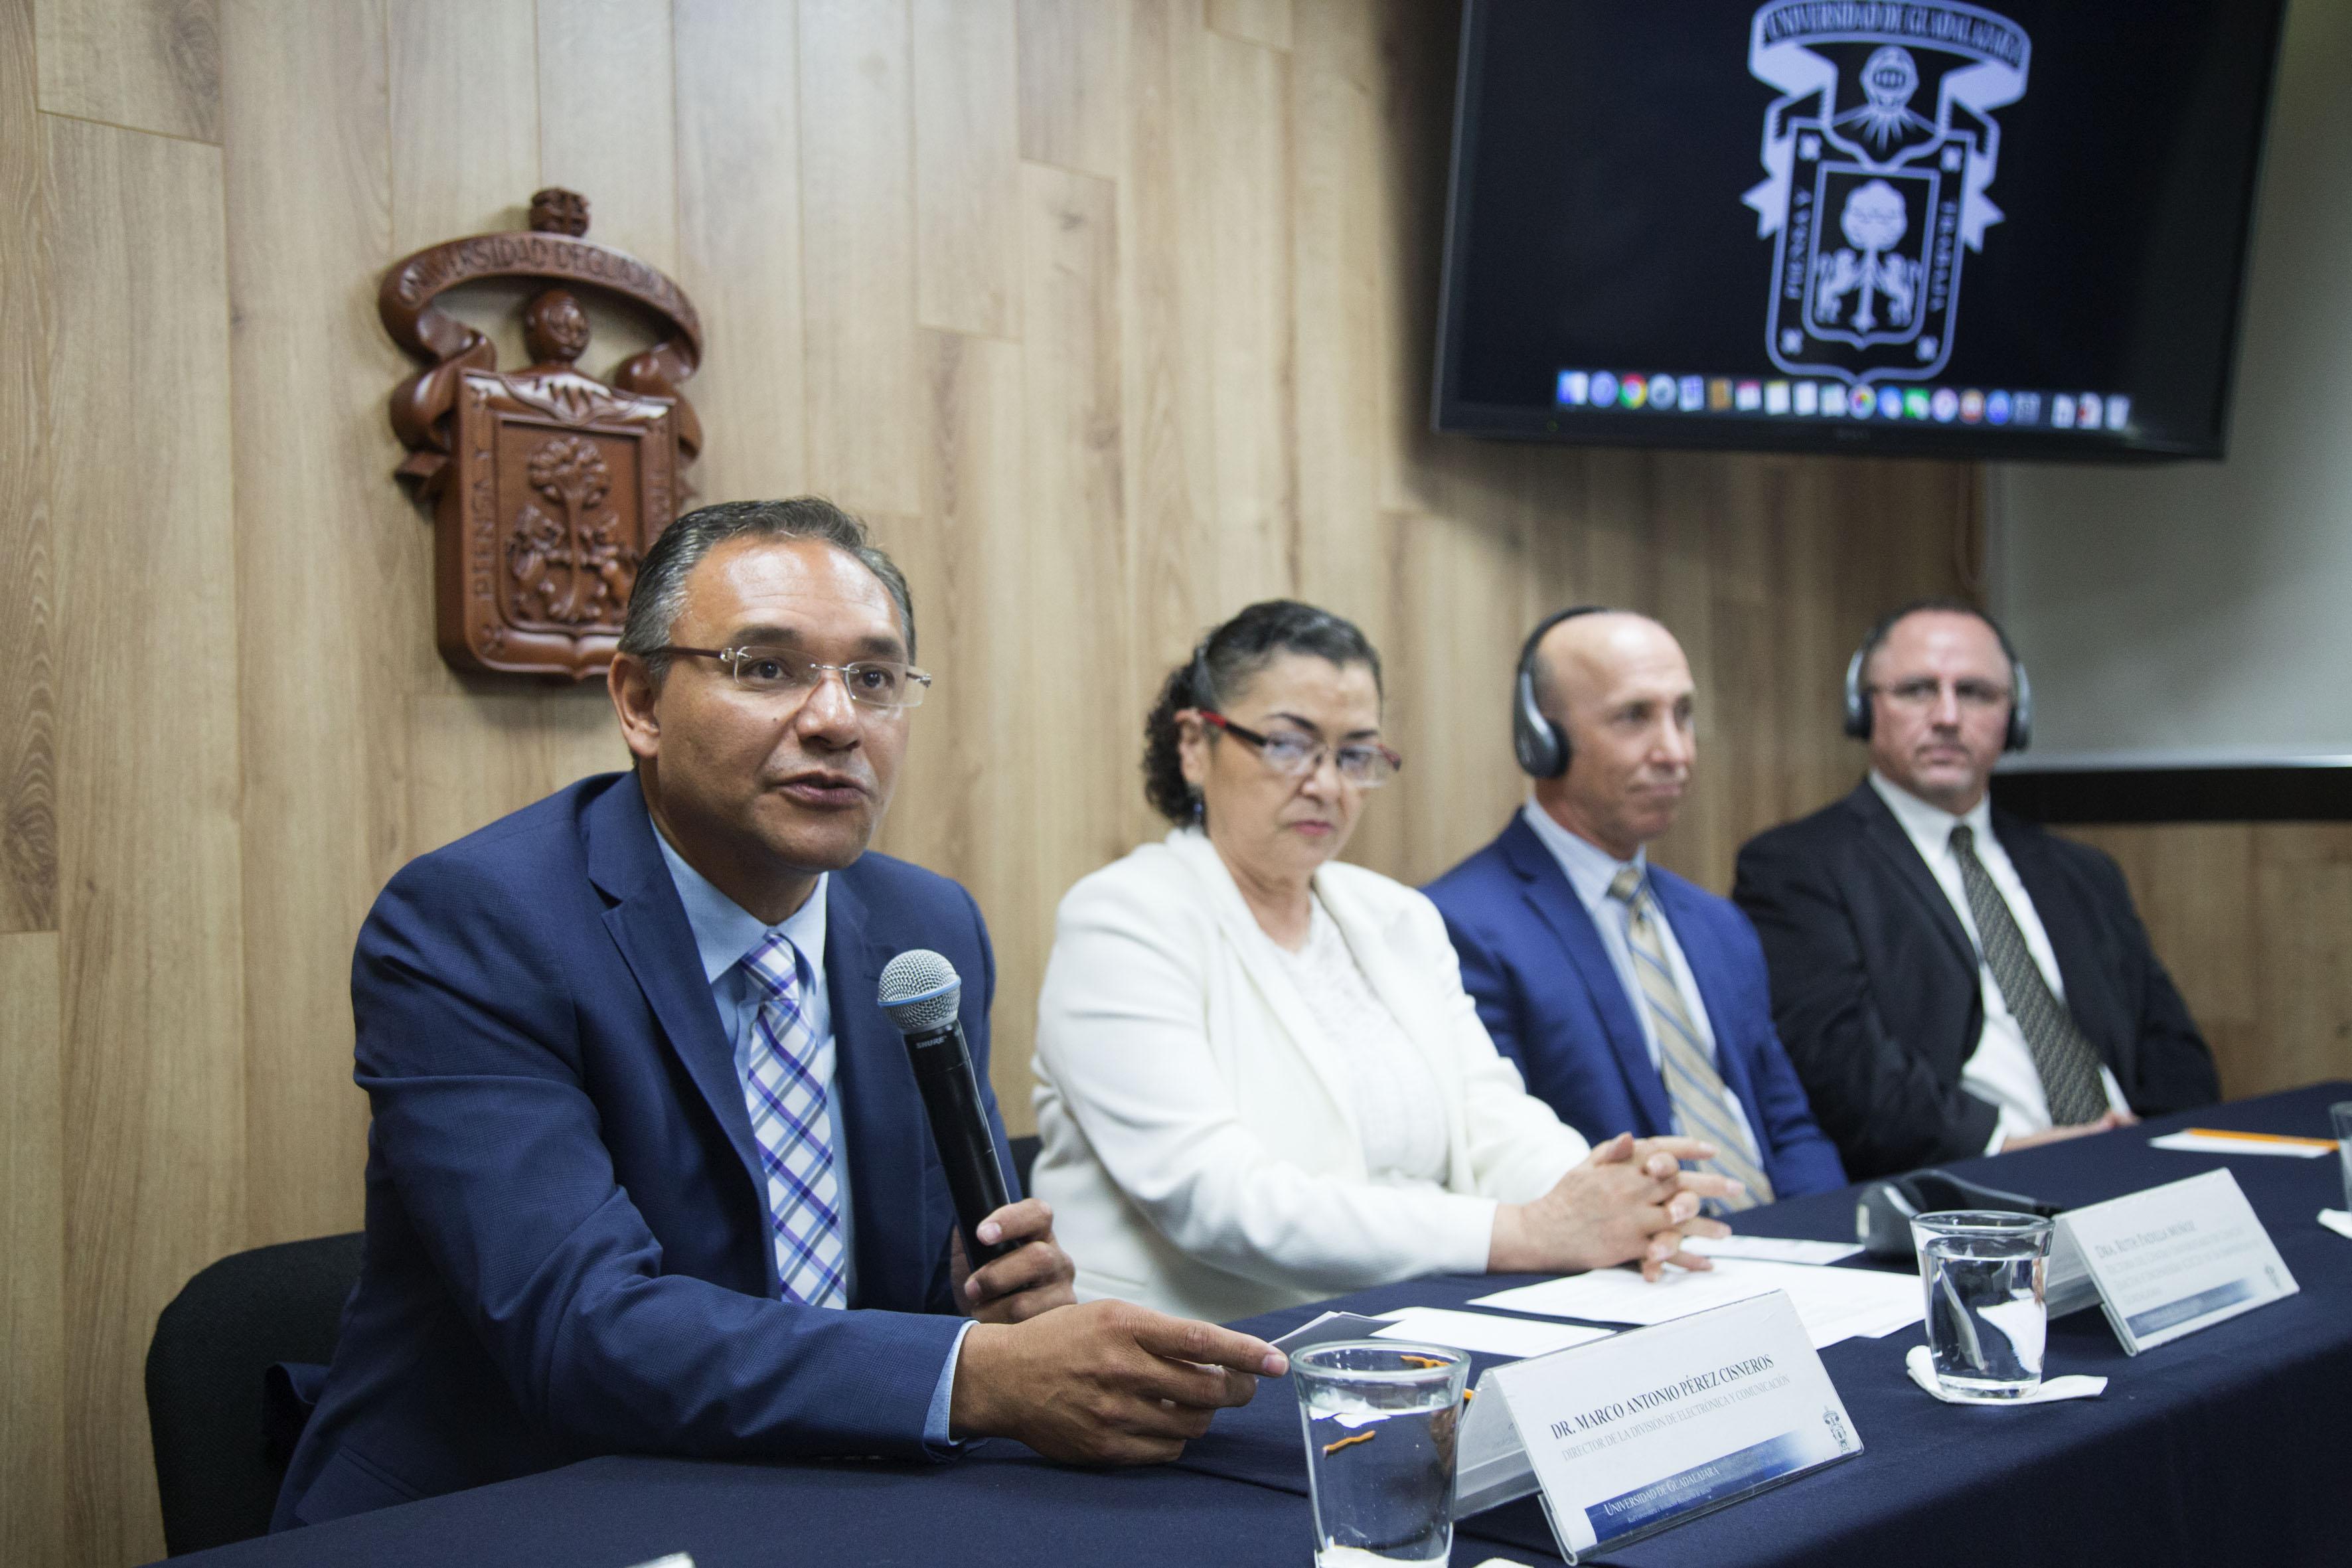 Director de la división, doctor Marco Antonio Pérez CisneroS, haciendo uso de la palabra